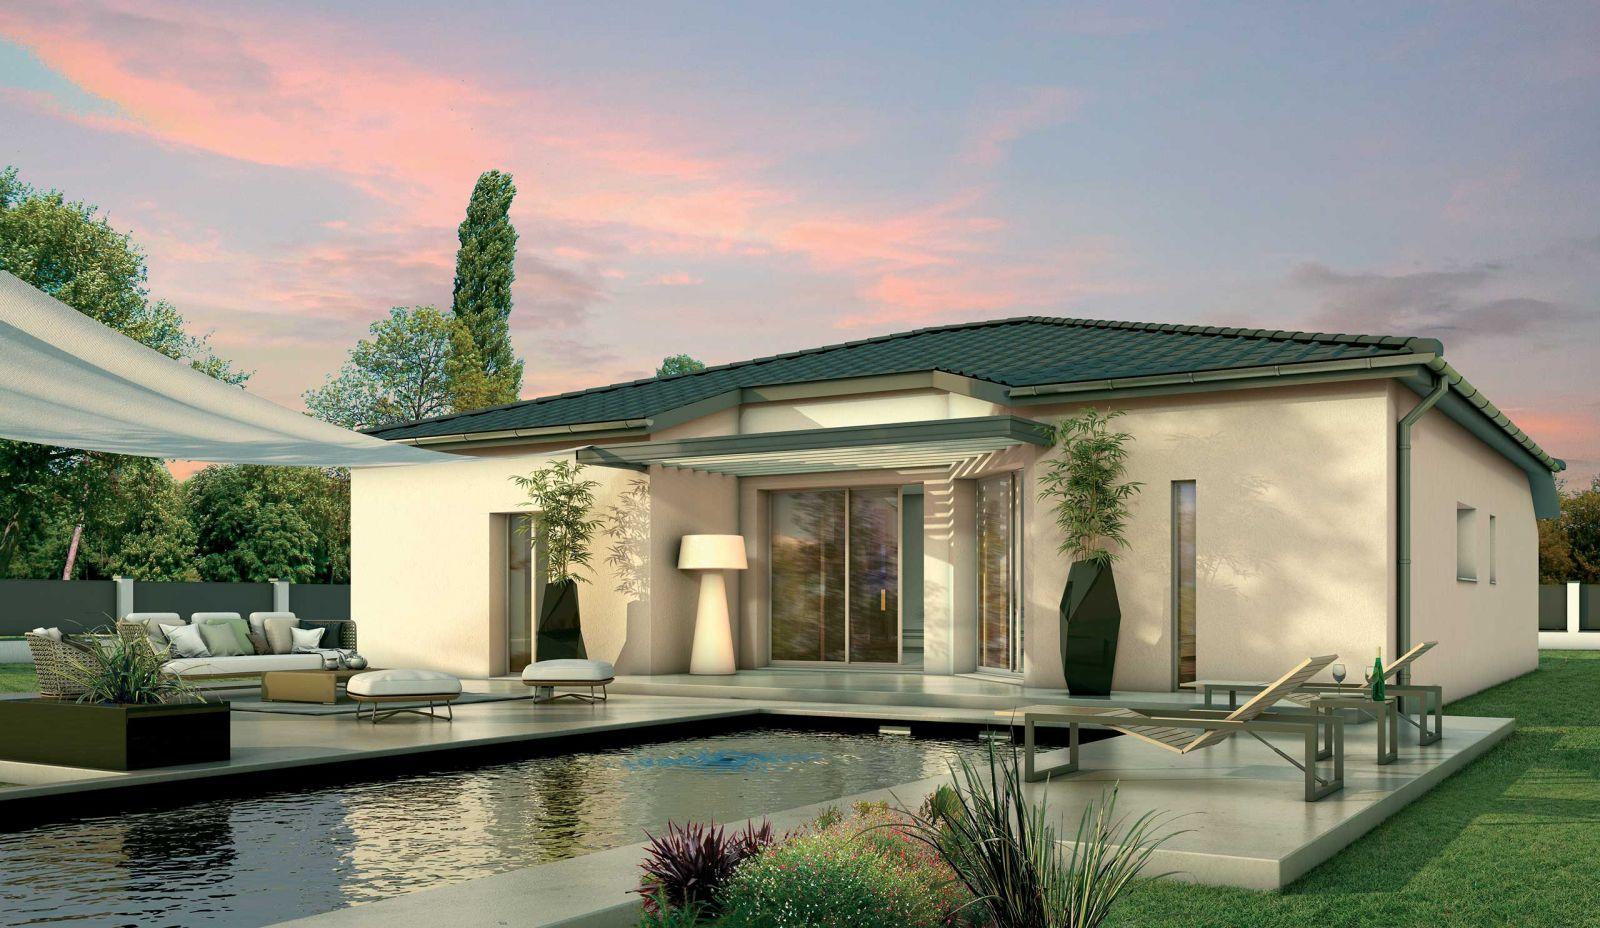 Maison contemporaine carré de 112 m² habitable + terrain de 430 m² viabilisé à Léognan 33850